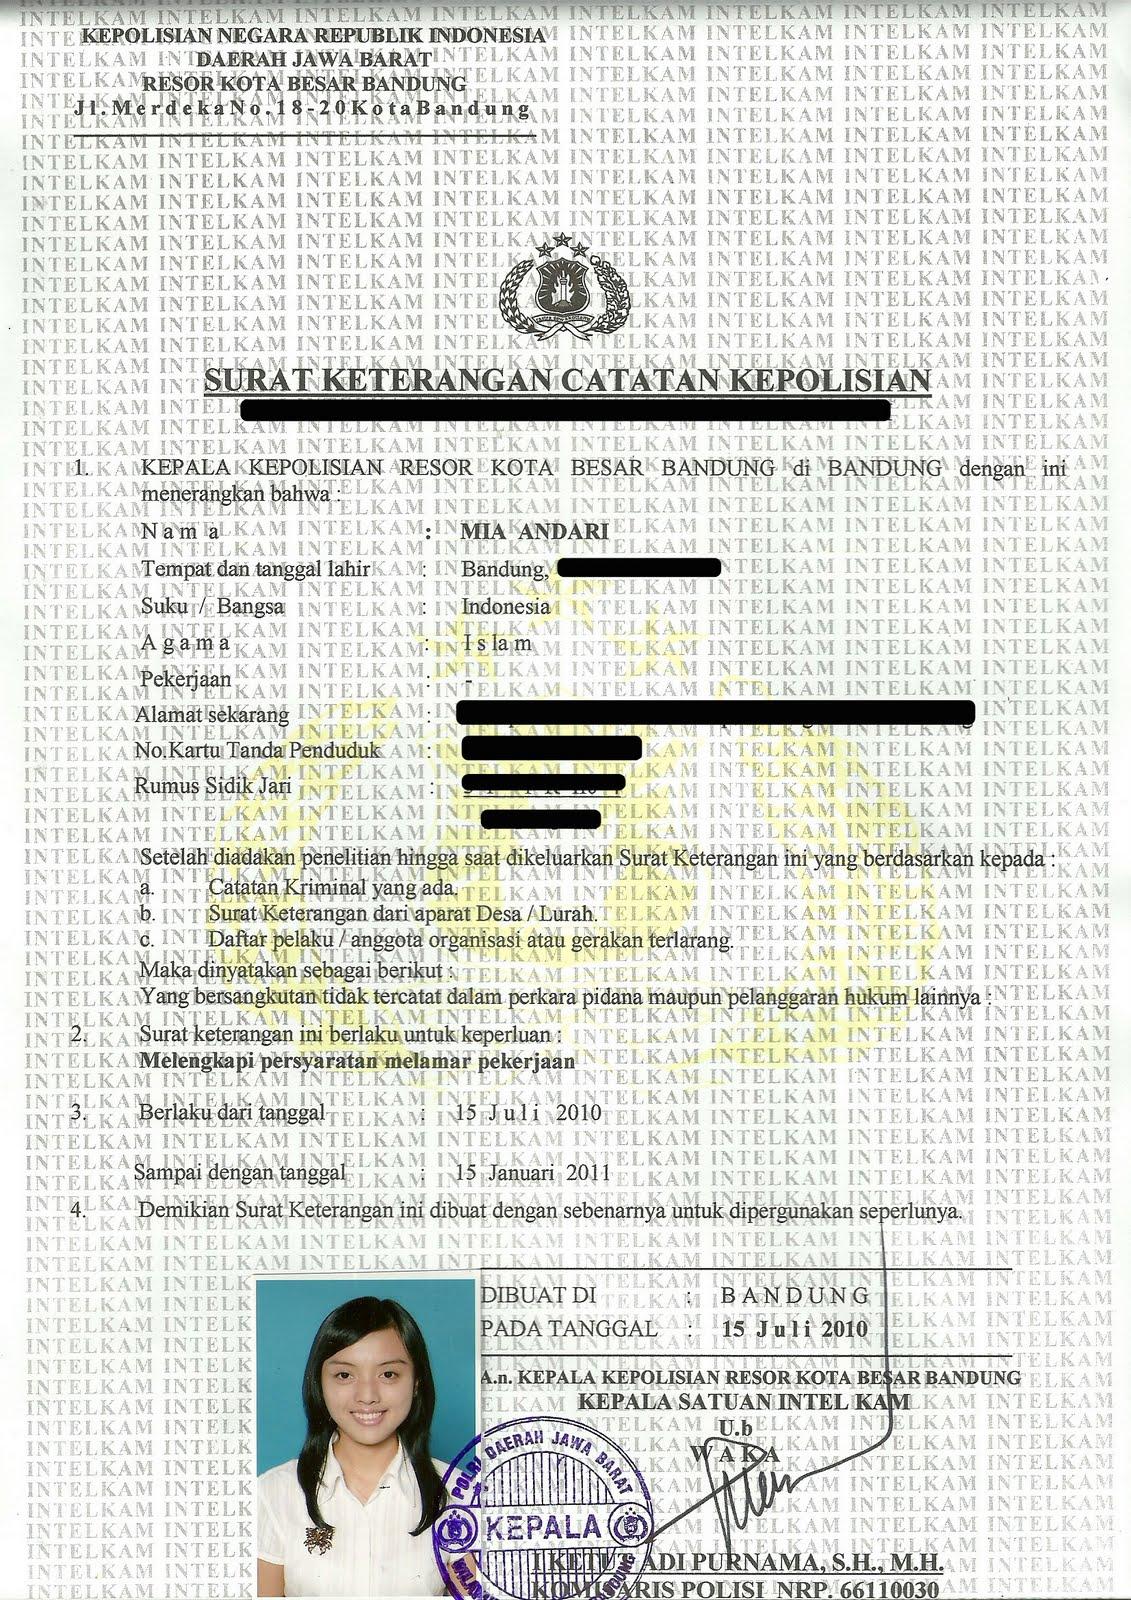 Contoh Bentuk Suatu SKCK (Gambar / Foto Scan) - meismya